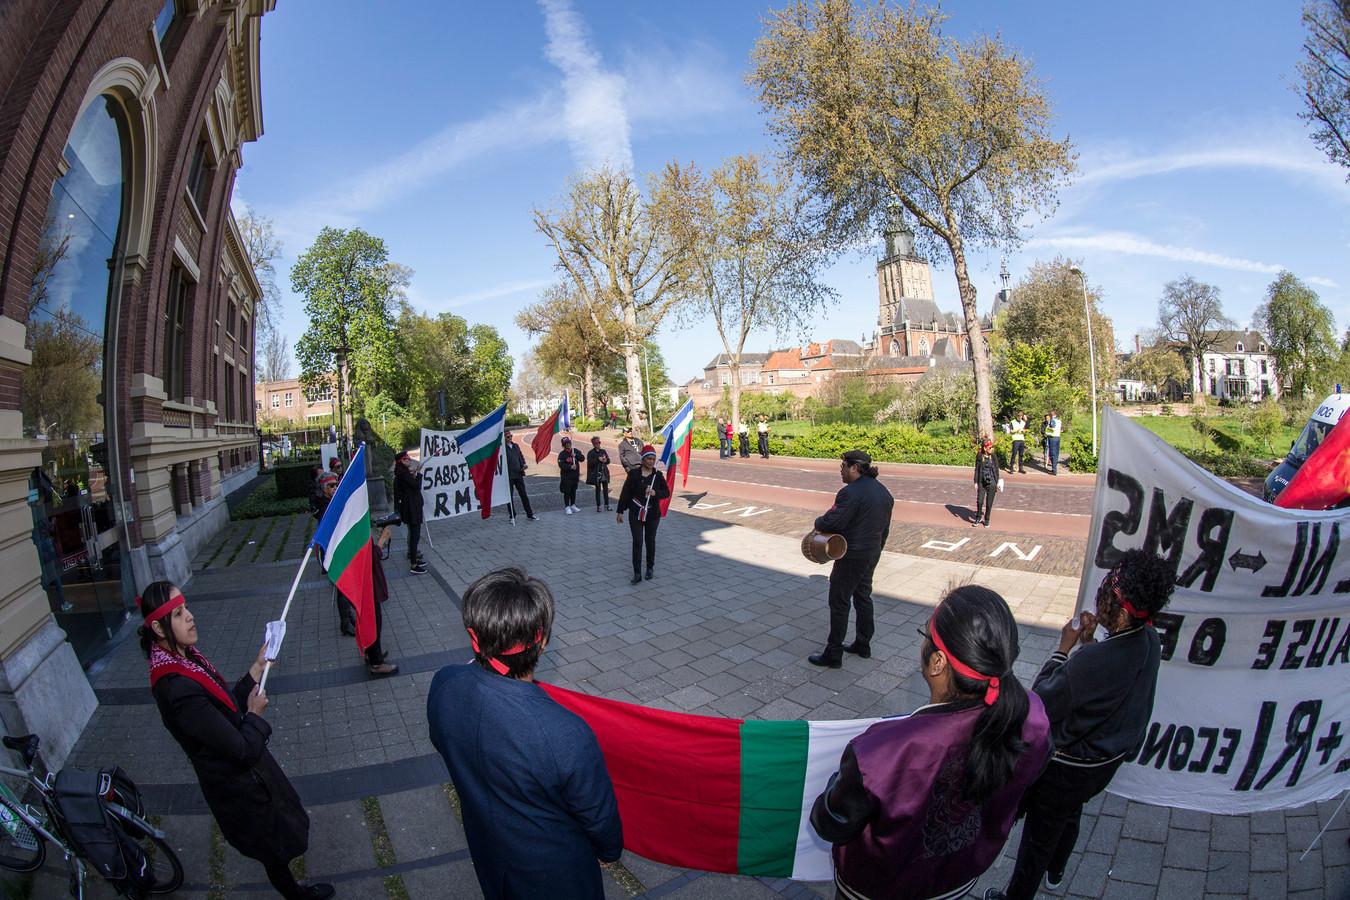 Sympathisanten van de Molukse regering in ballingschap bij de rechtbank in Zutphen.